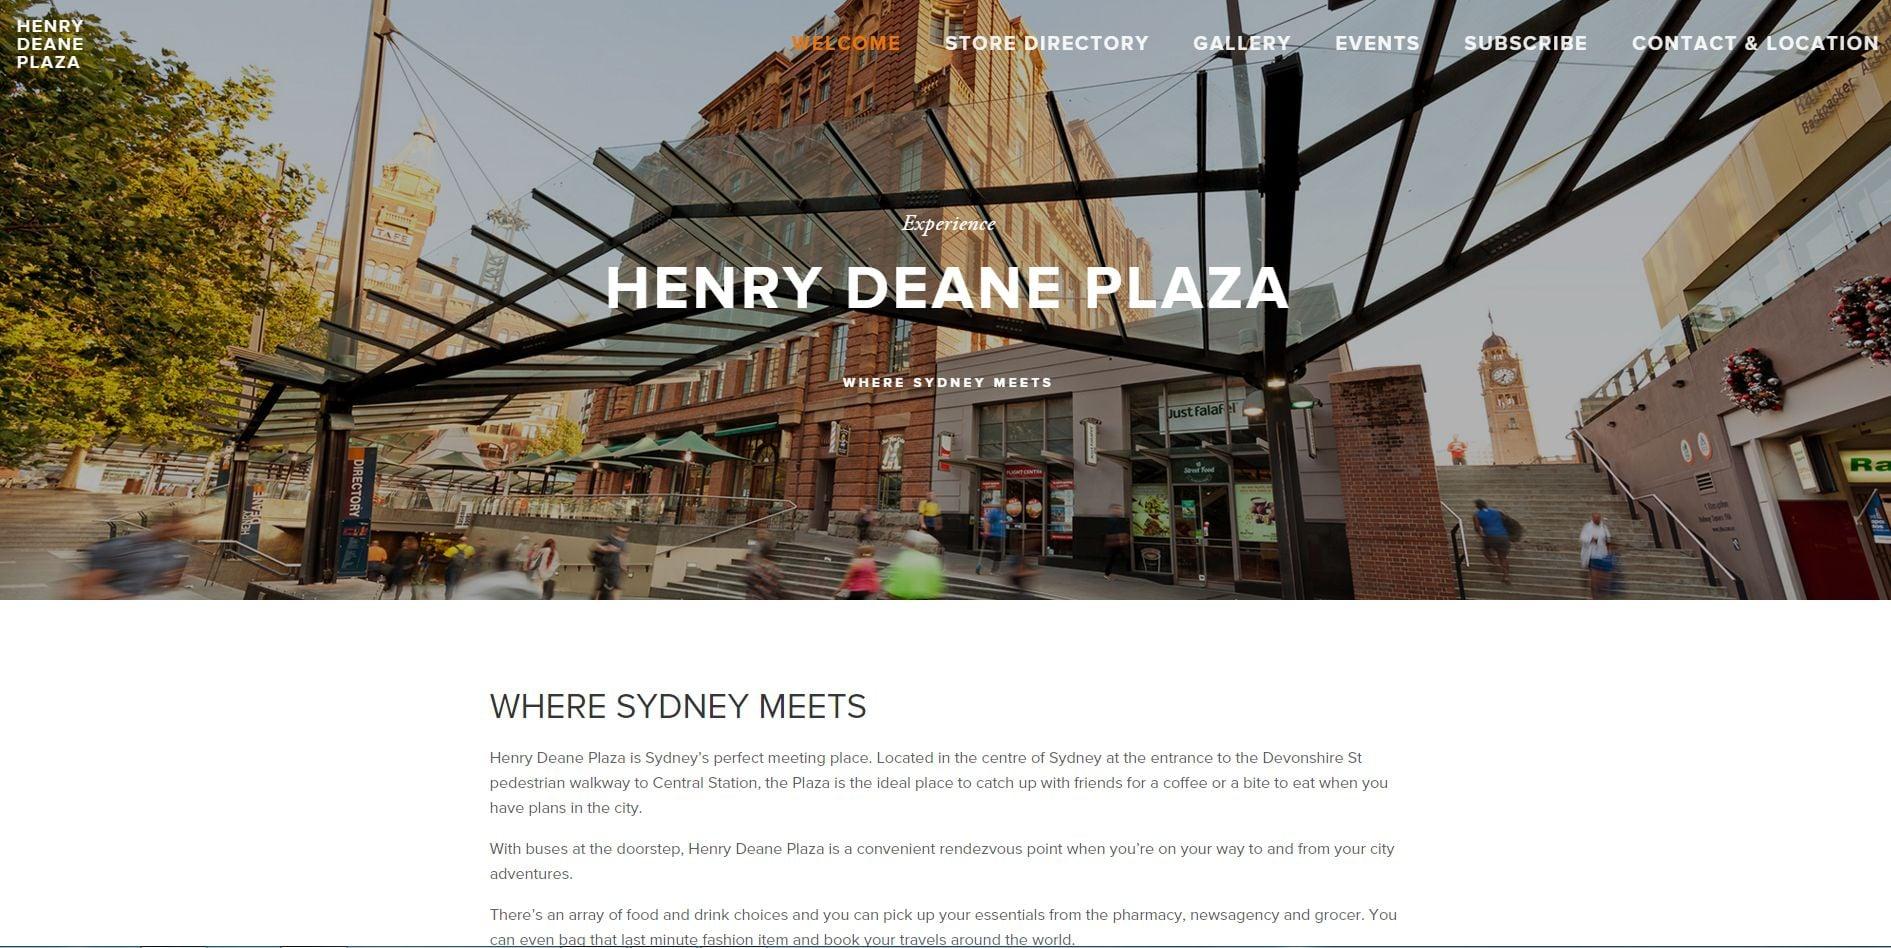 Henry Deane Plaza - Sydney.jpg